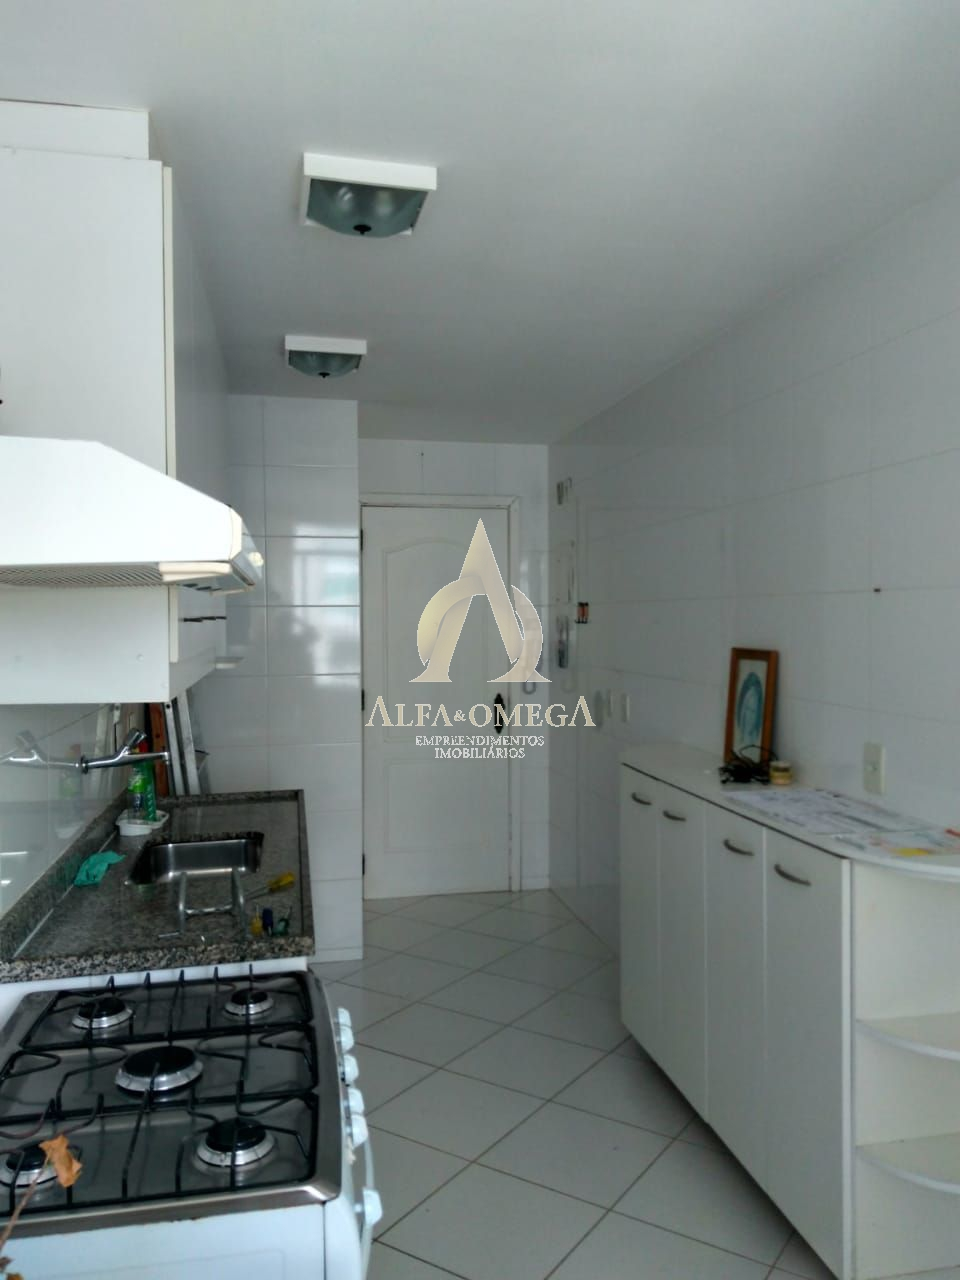 FOTO 14 - Apartamento Barra da Tijuca,Rio de Janeiro,RJ À Venda,2 Quartos,75m² - AO20380 - 14